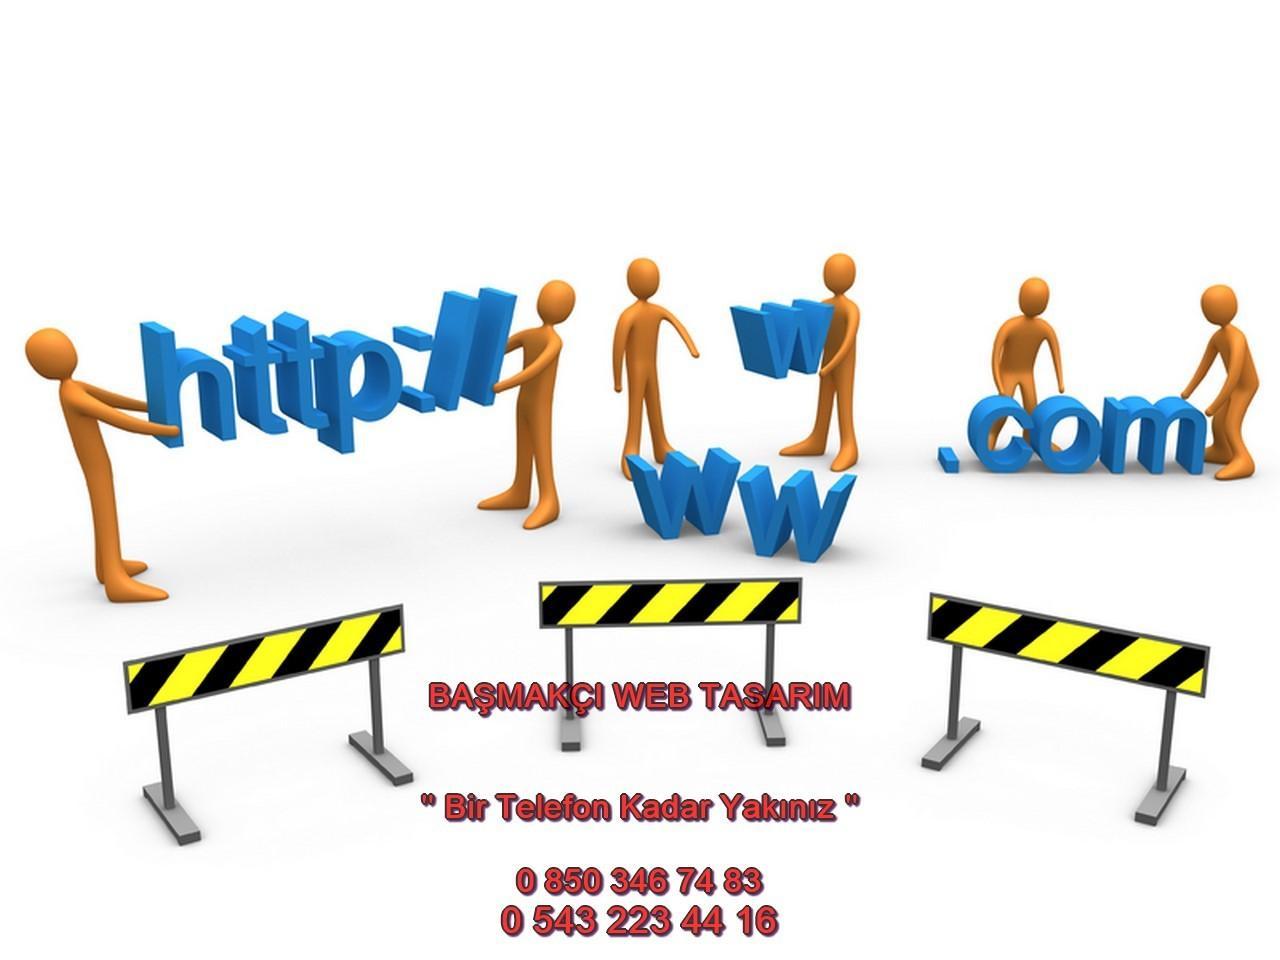 Başmakçı Web Tasarım